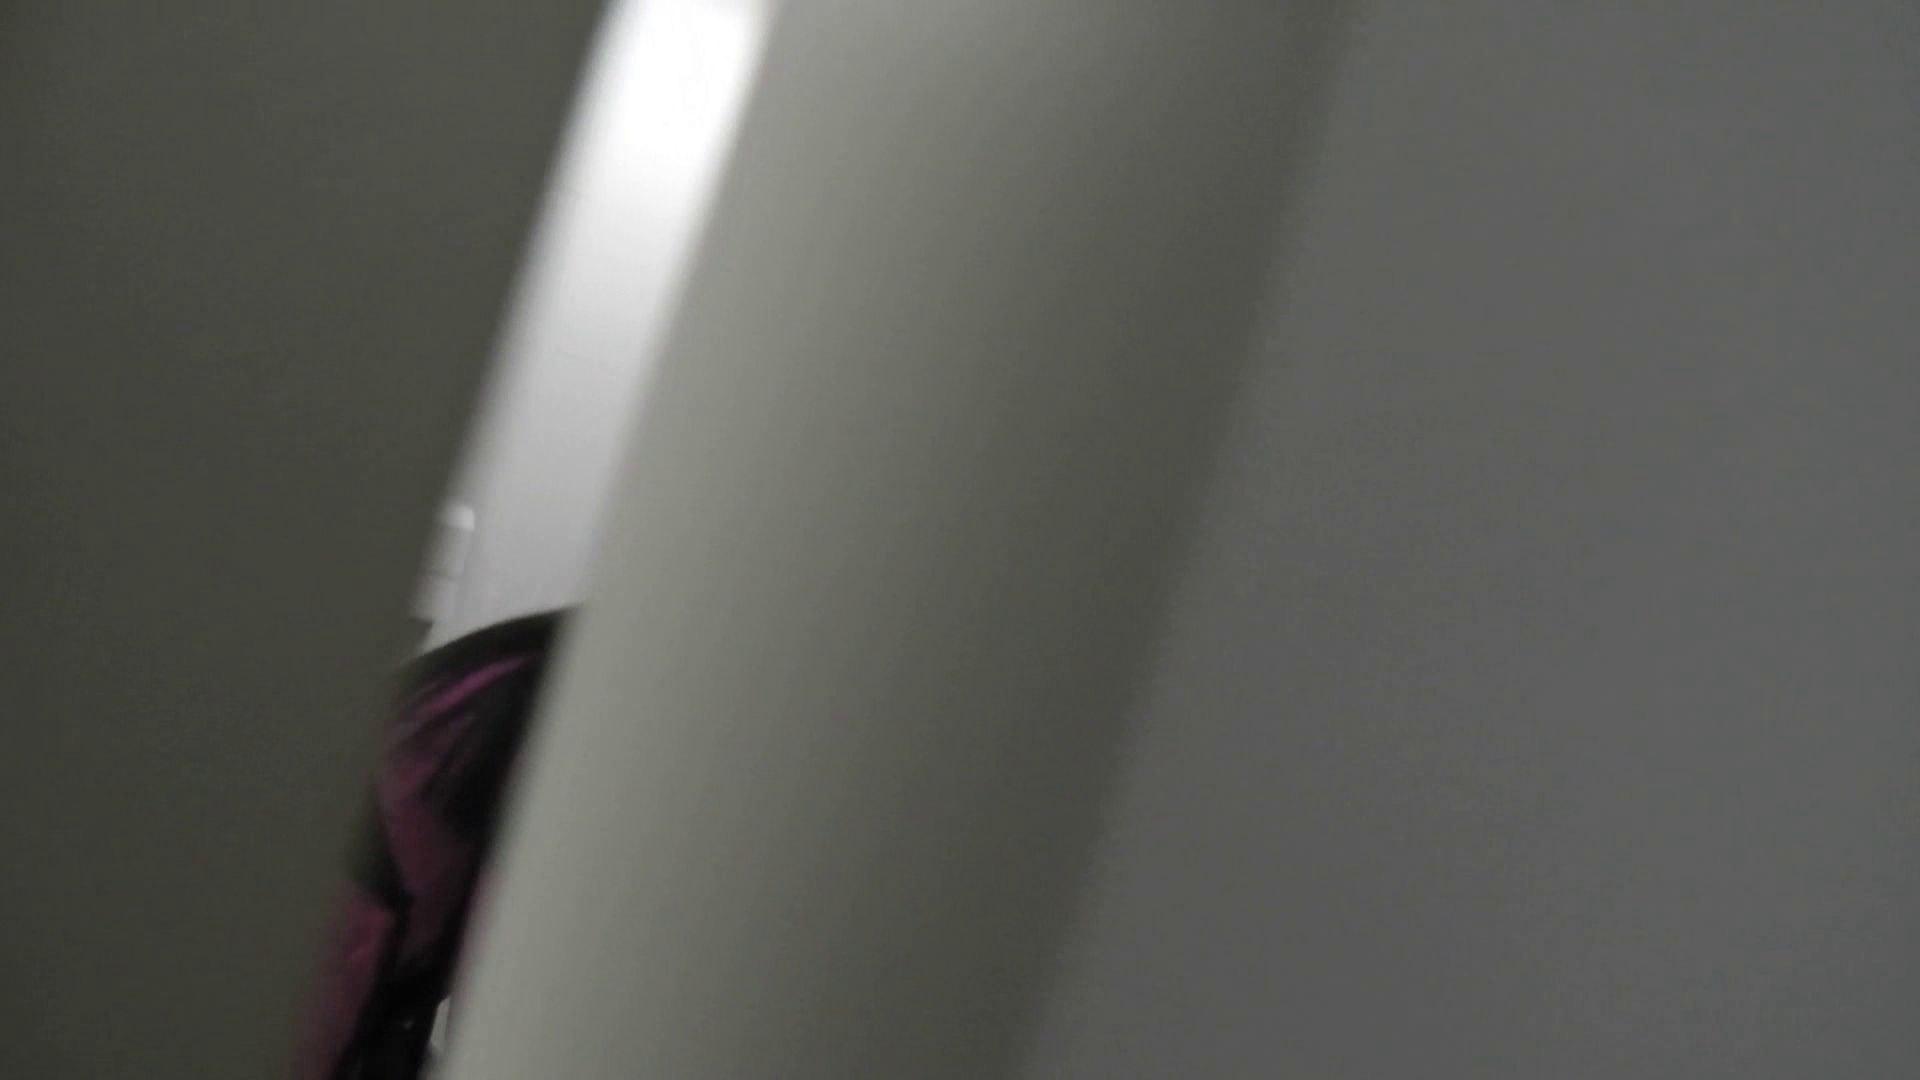 【日本成人用品展览会。超模如云】vol.01 着替|空爆 潜入突撃  103pic 54